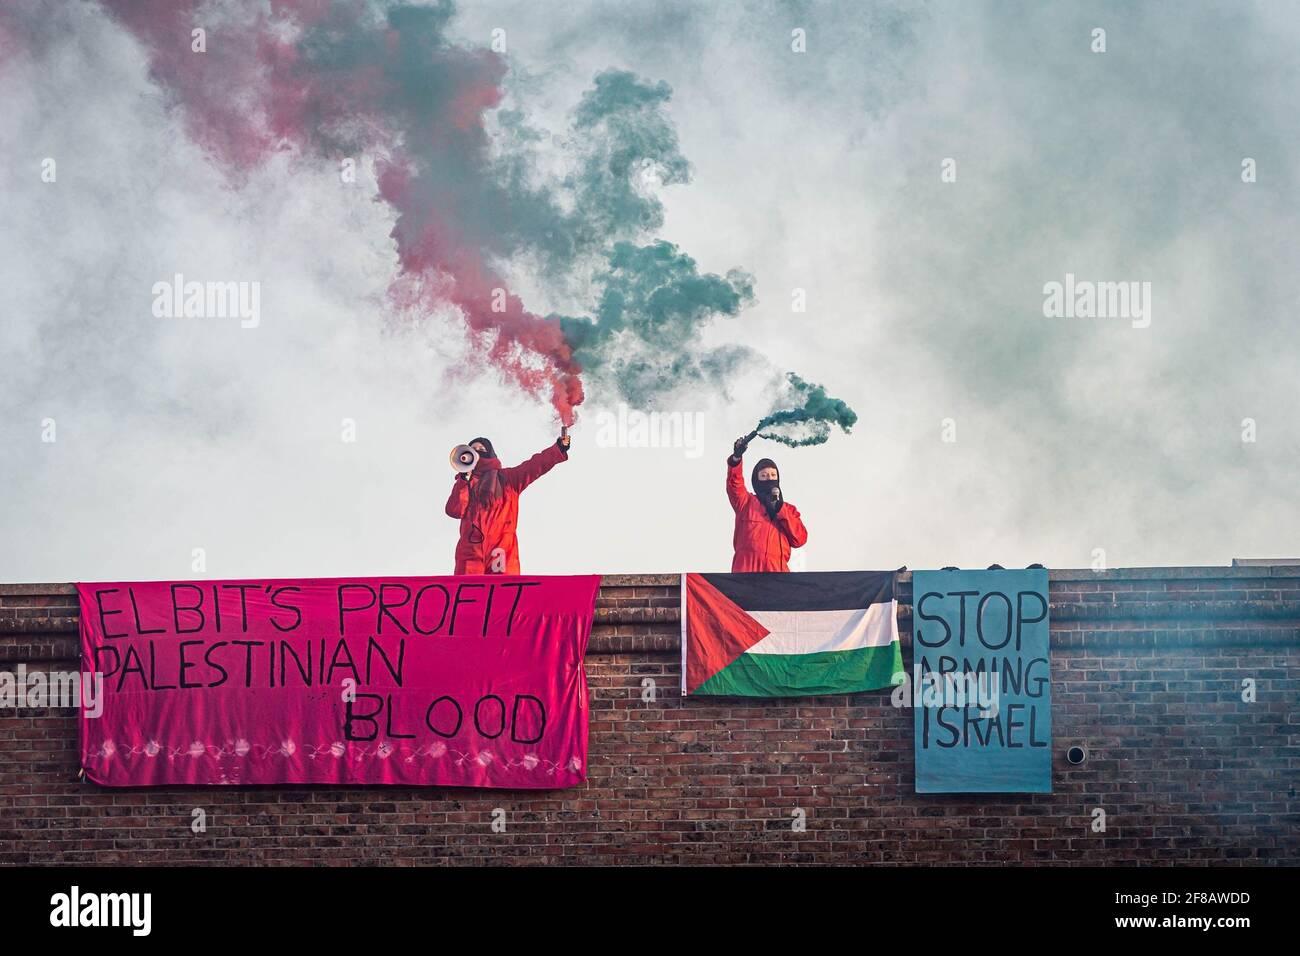 """Bristol, Reino Unido. 13 de Abr de 2021. Los activistas de Acción Palestina ocupan el techo de la sede de Bristol de Elbit durante las primeras horas de la mañana del miércoles. Las pancartas cuelgan del techo y leen """"la sangre palestina de Elbit"""" y """"dejan de armar a Israel"""". Aztec West Business Park en Bristol, Reino Unido. Crédito: Vladimir Morozov/akxmedia. Crédito: Vladimir Morozov/Alamy Live News Foto de stock"""